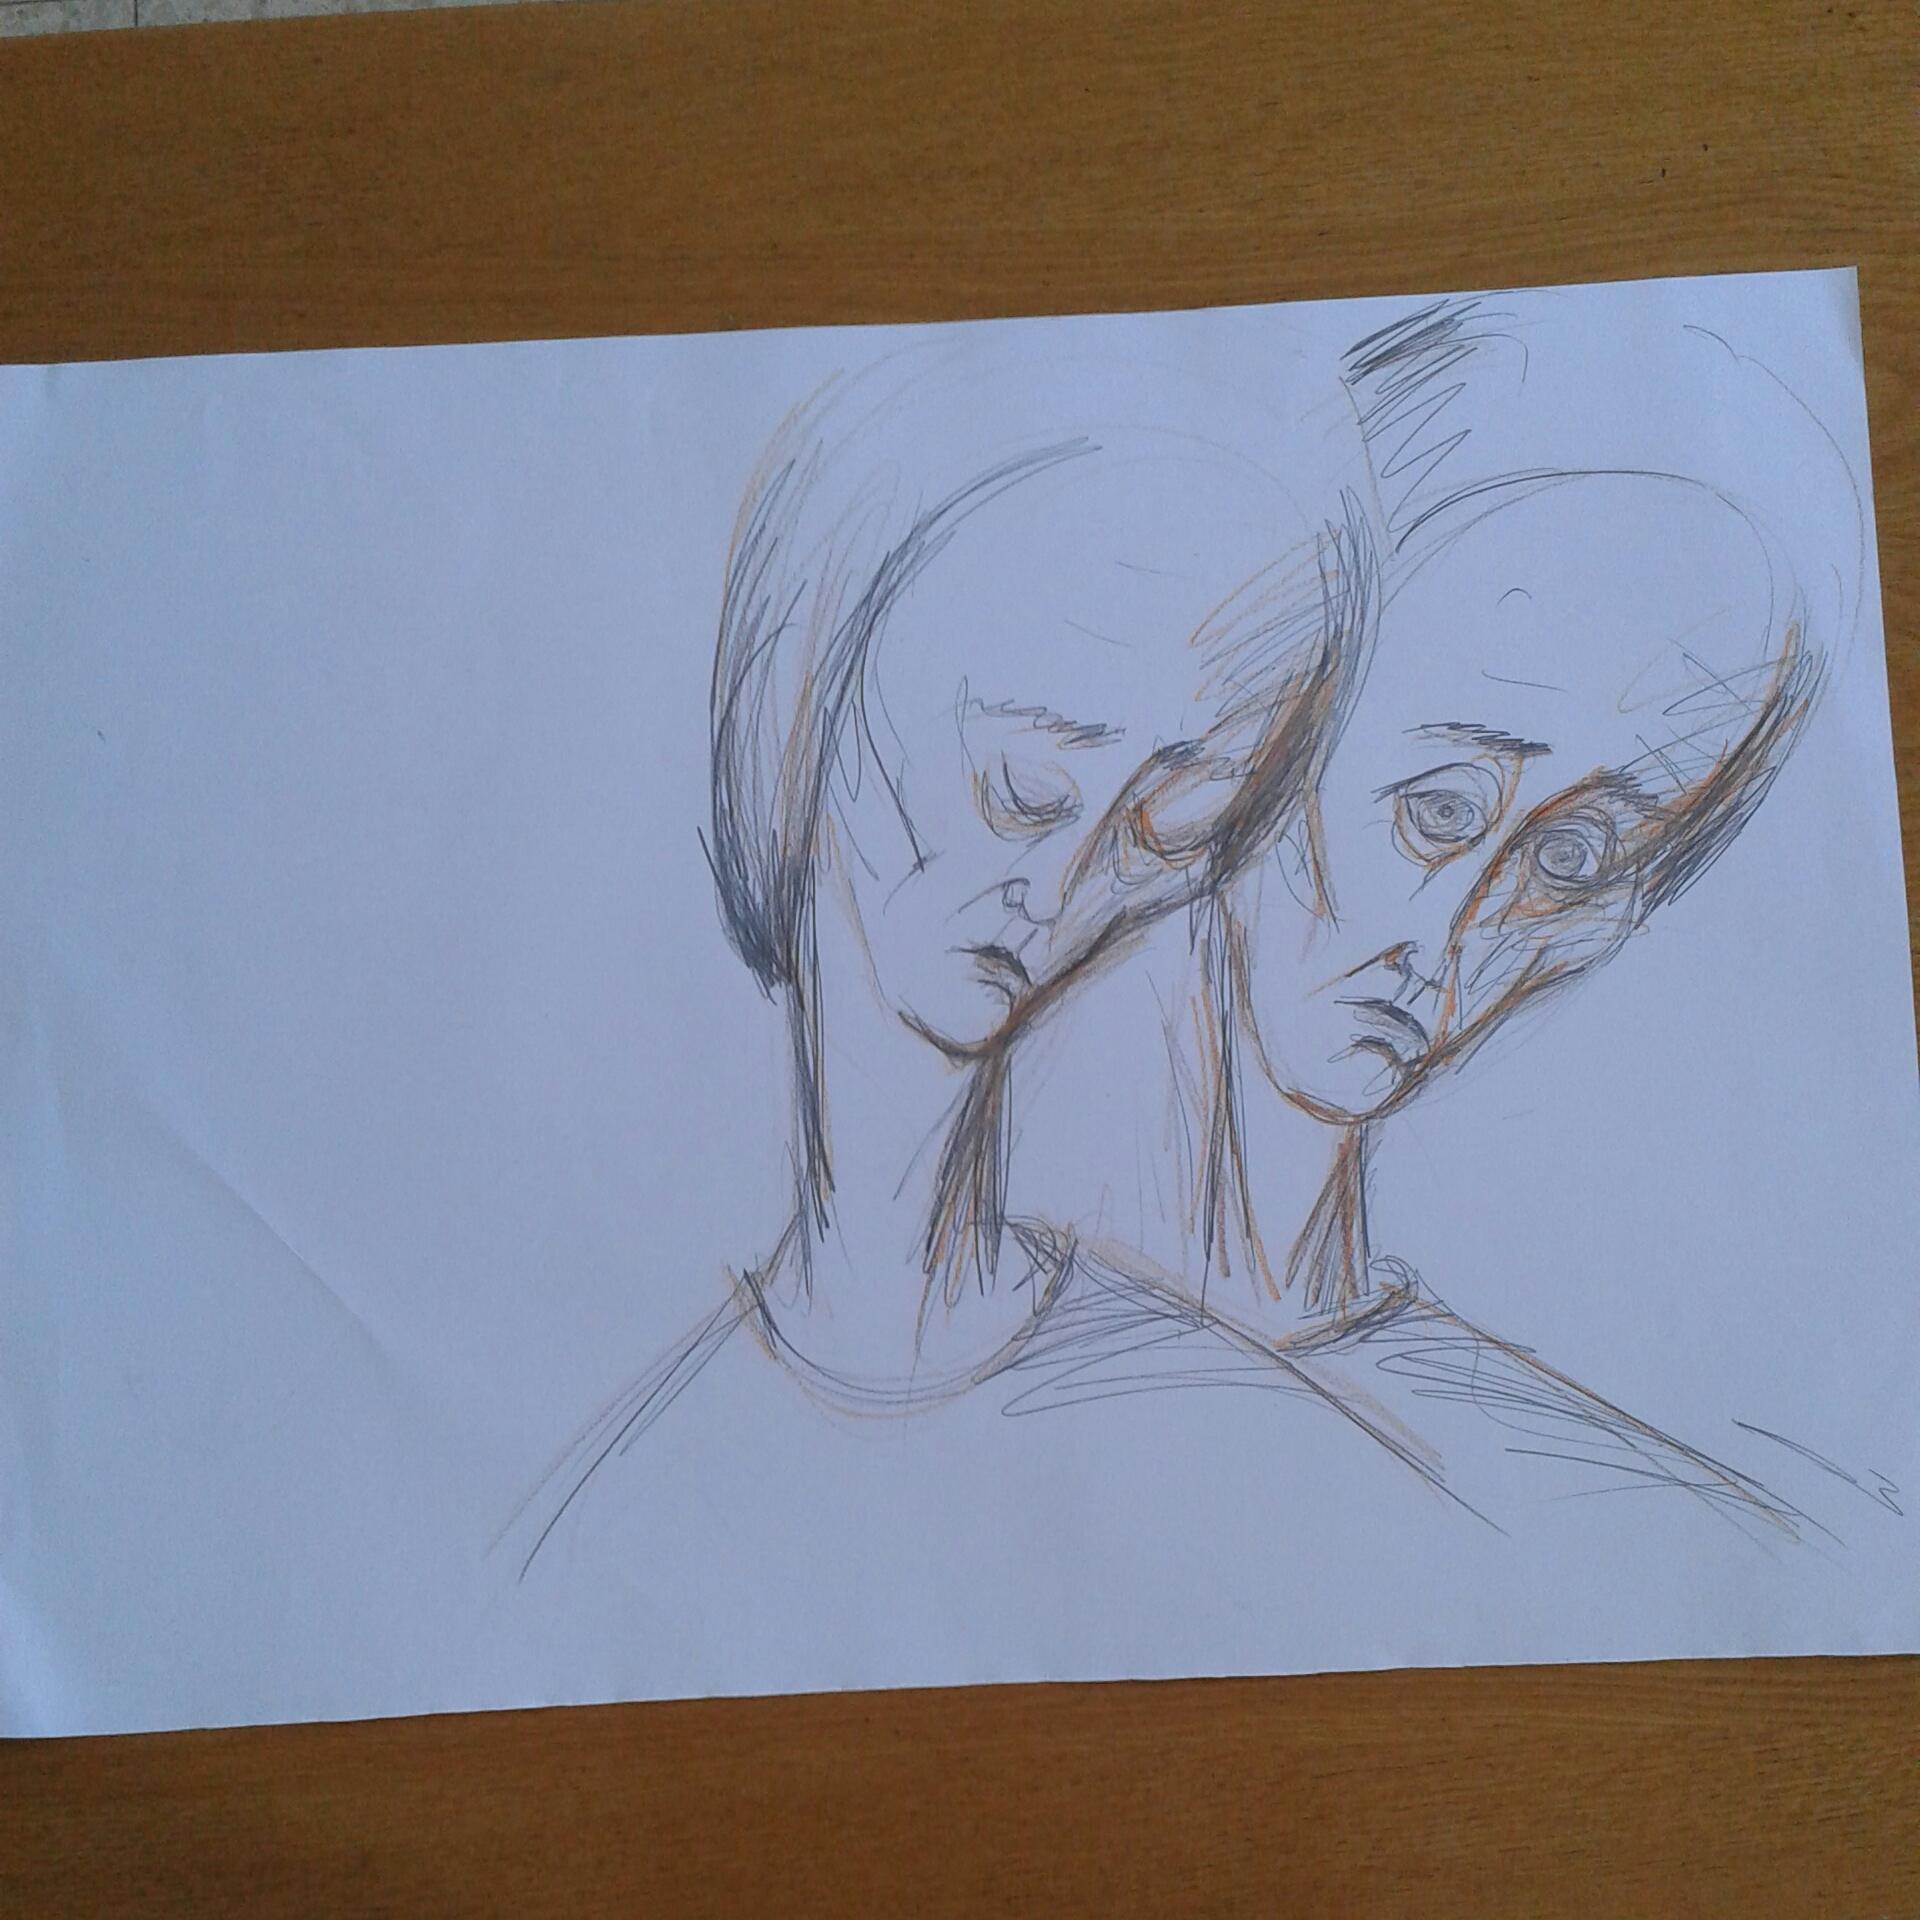 בעיפרון ובצבעים על חצי בריסטול – ציפורה בראבי by tsipi baravi - Ourboox.com